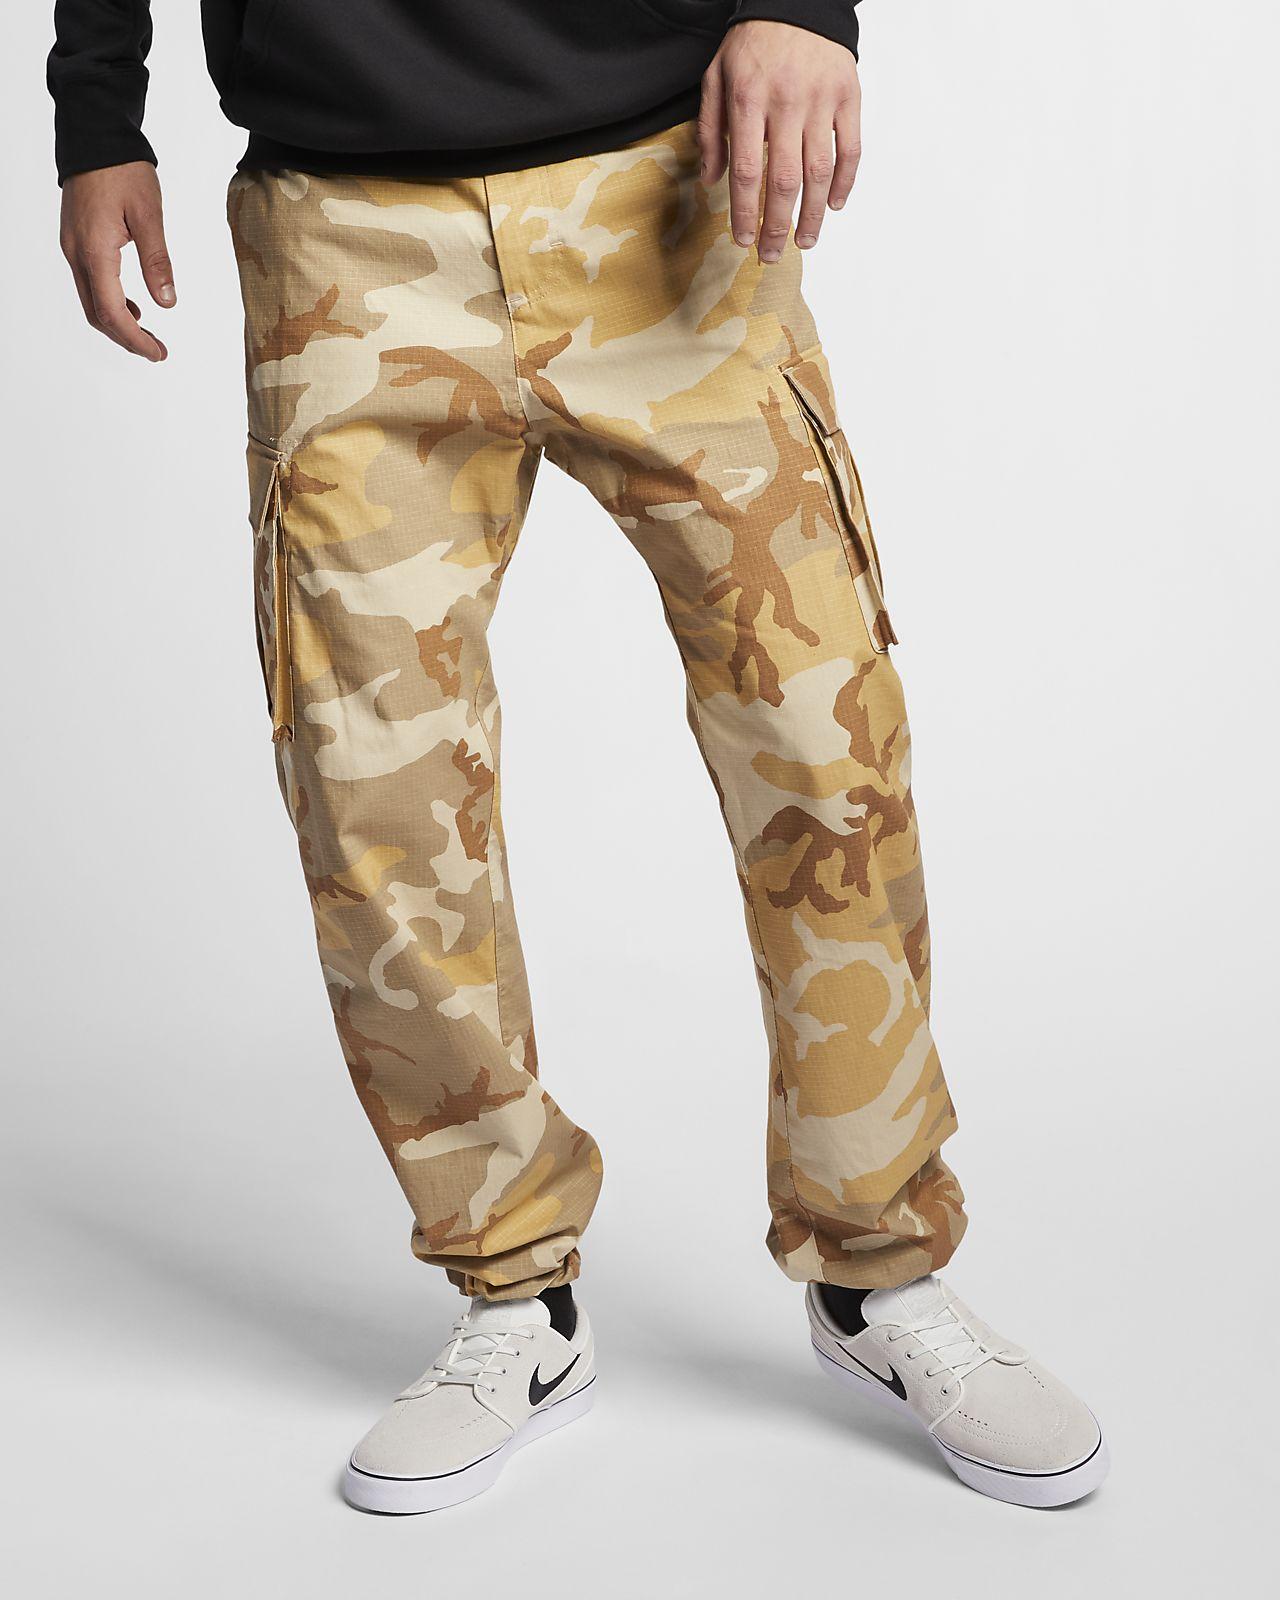 Παντελόνι skateboarding με μοτίβο παραλλαγής Nike SB Flex FTM